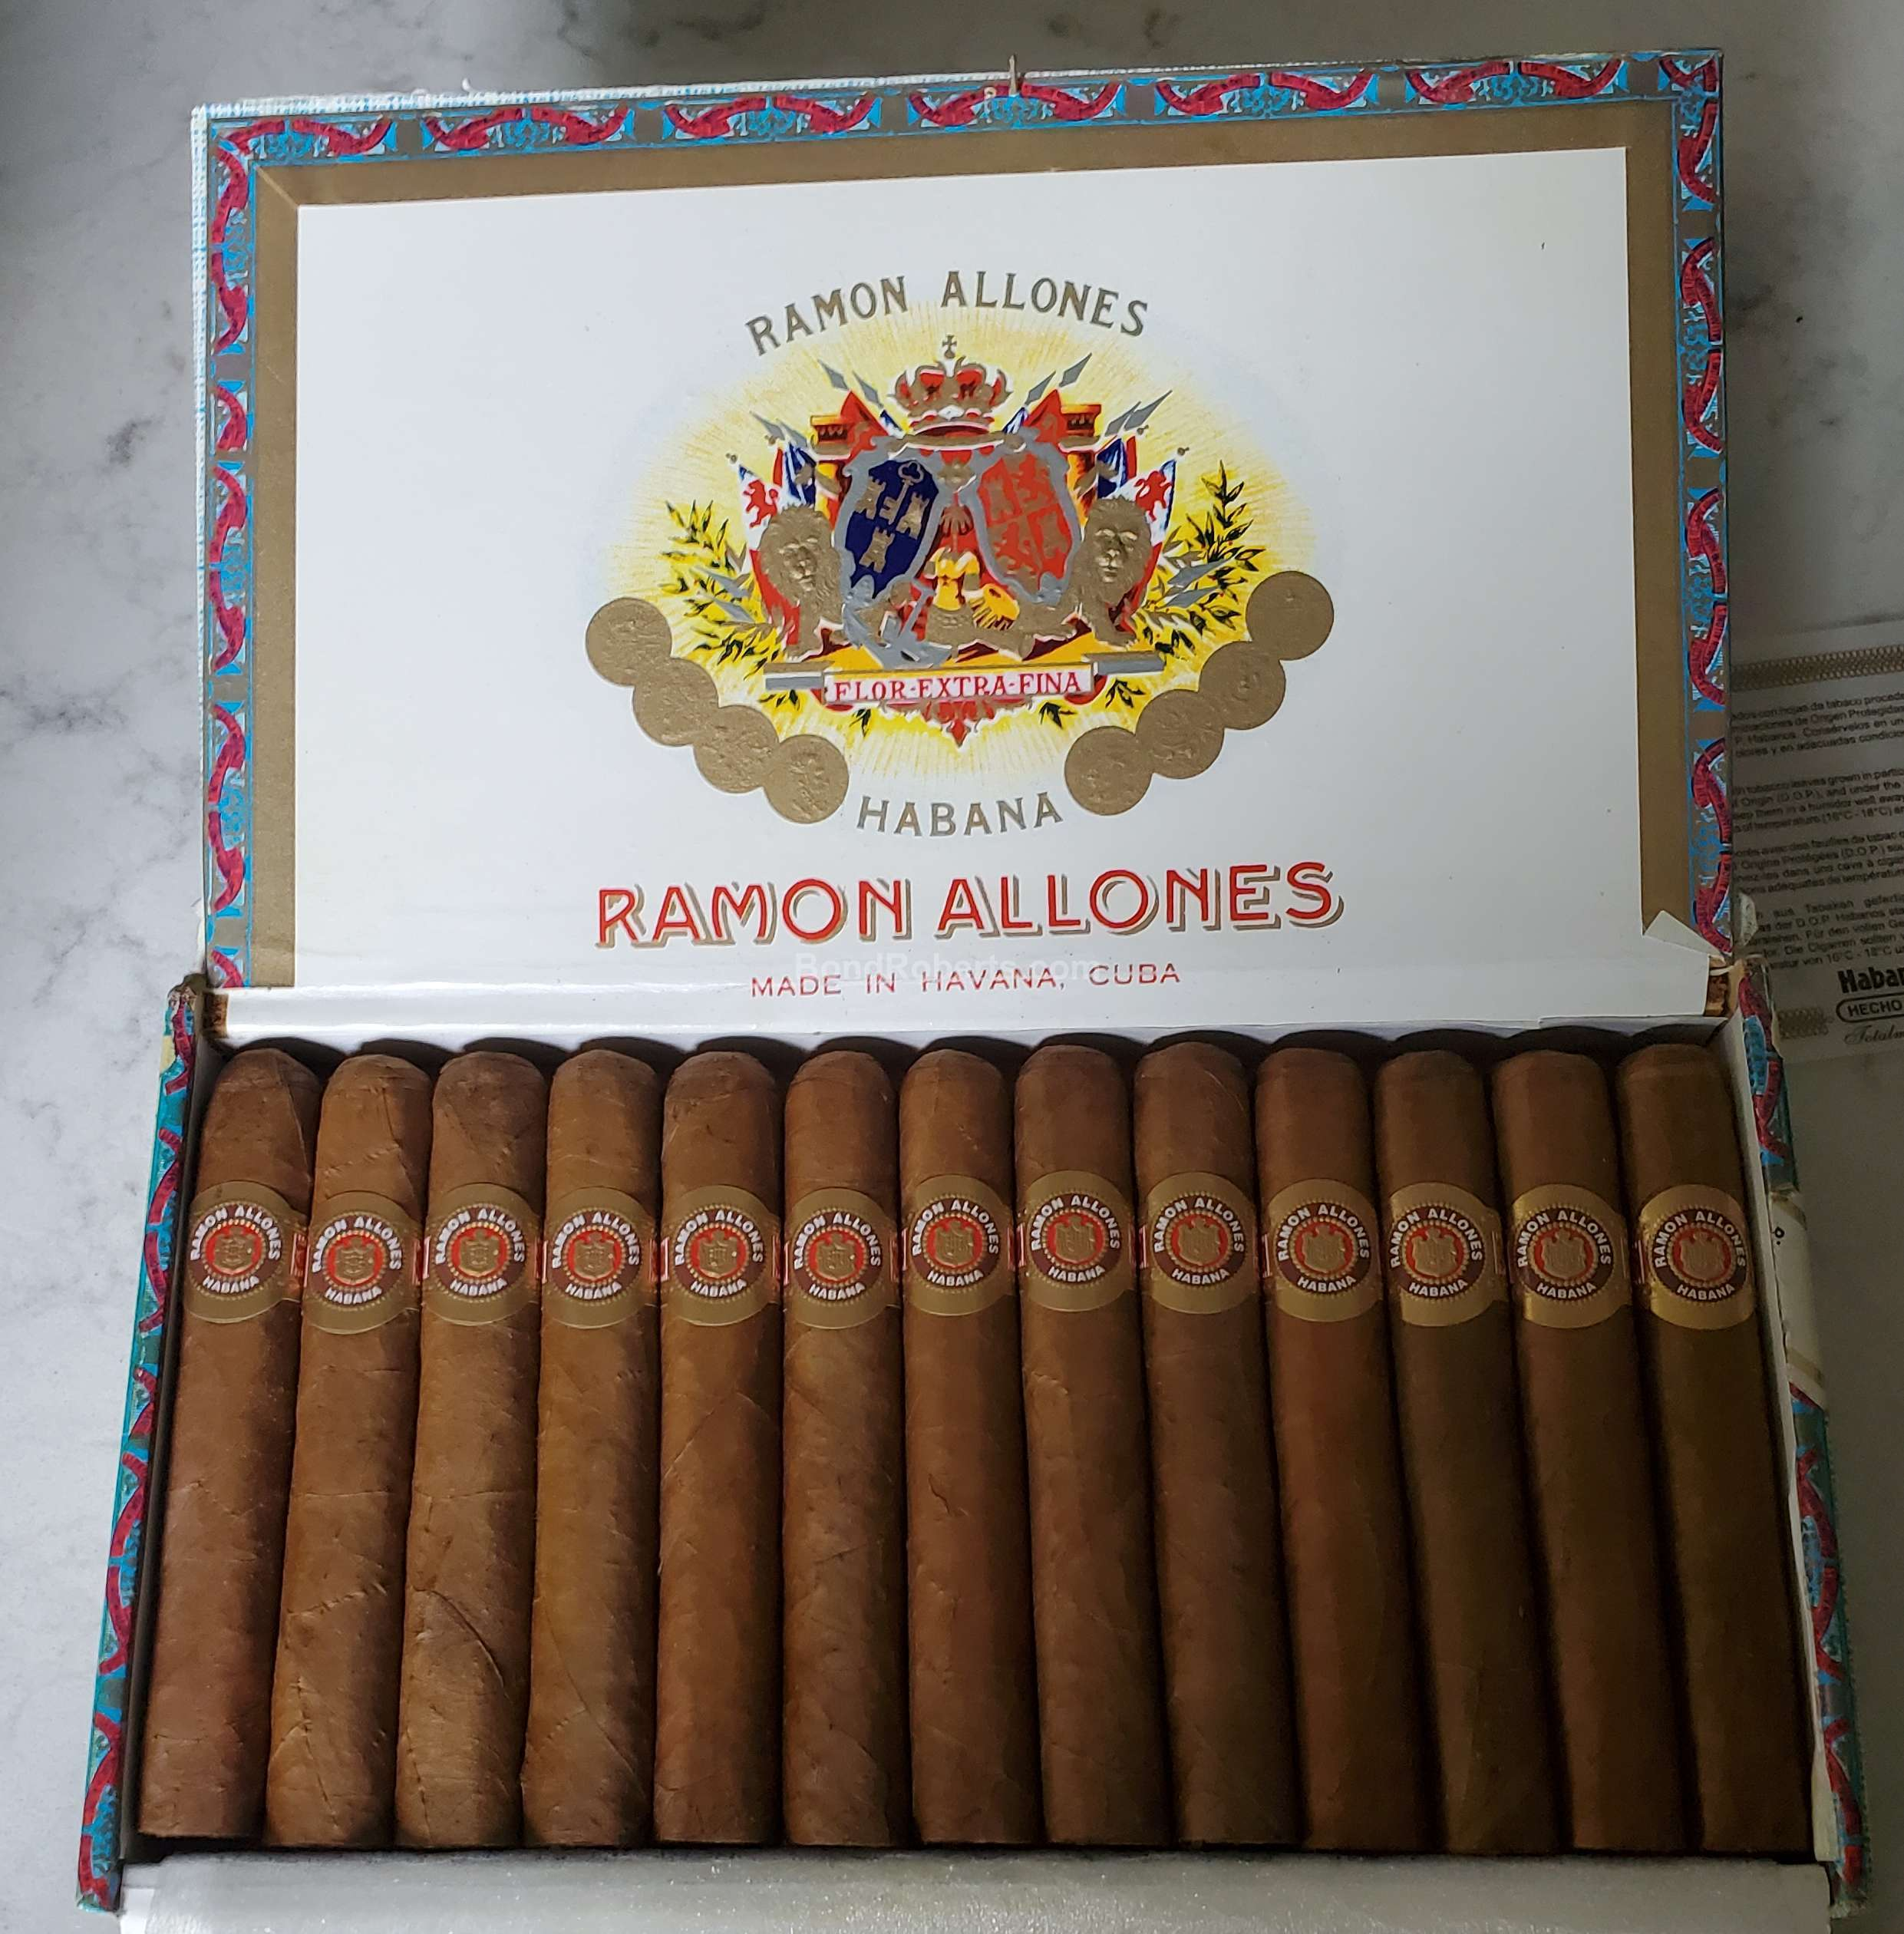 Ramón Allones Small Club Coronas